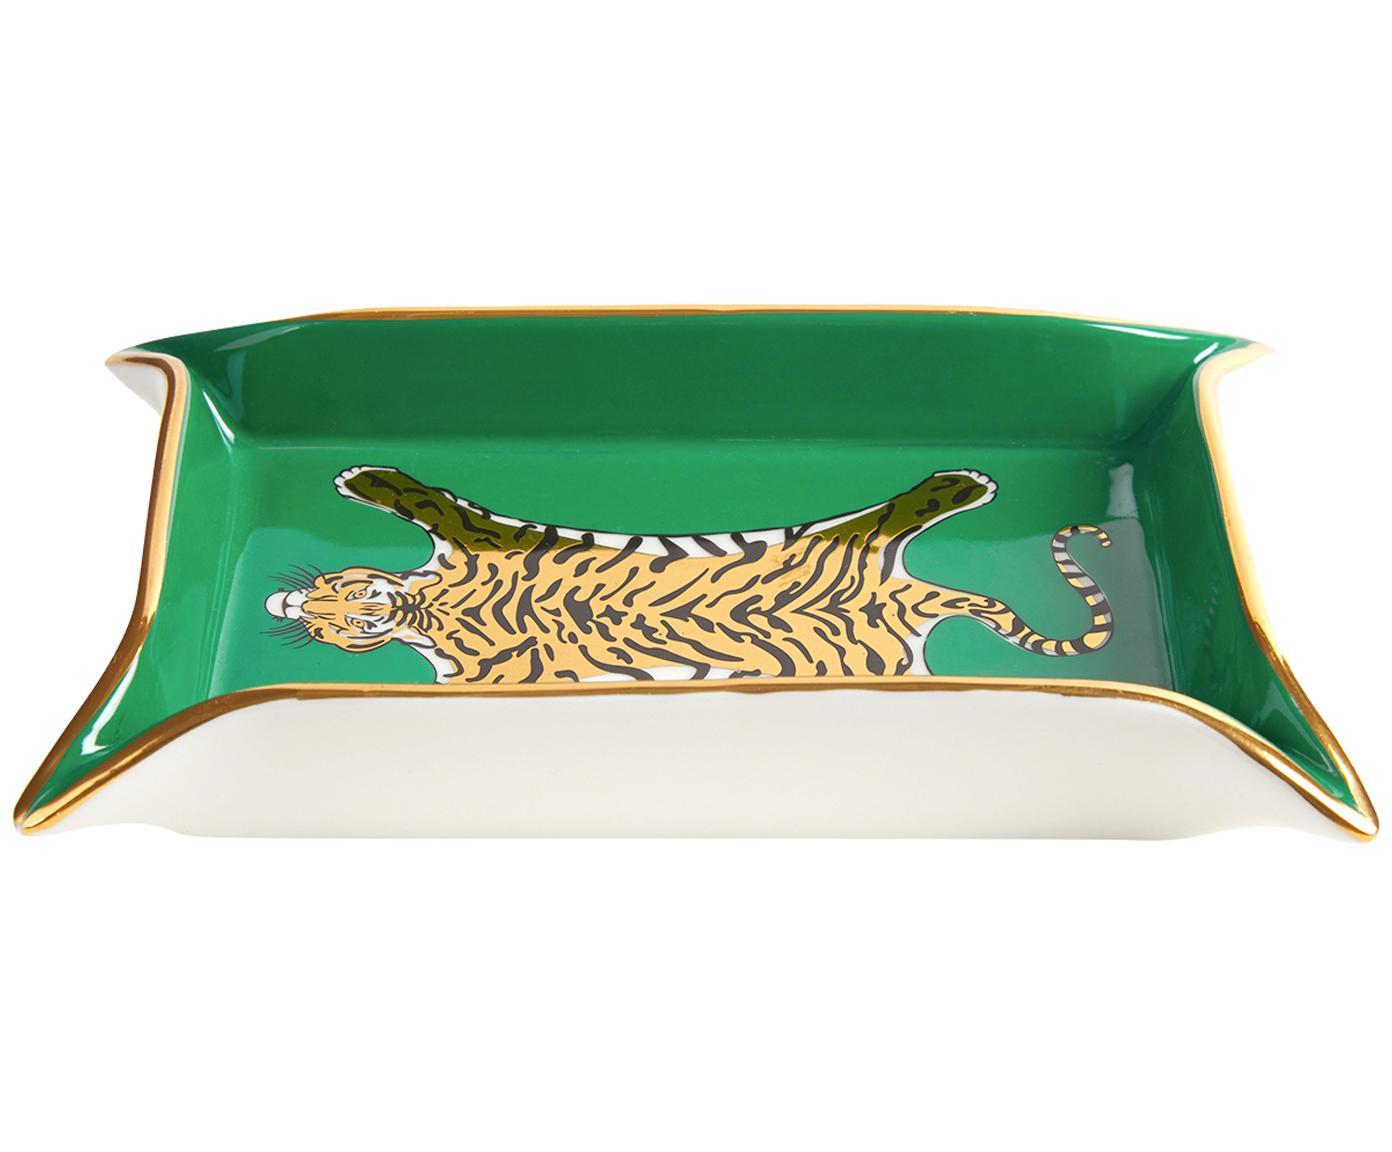 Ciotola Tiger, Porcellana, accenti dorati, Interno: verde, oro, beige<br>Esterno: bianco, L 18 x P 13 cm